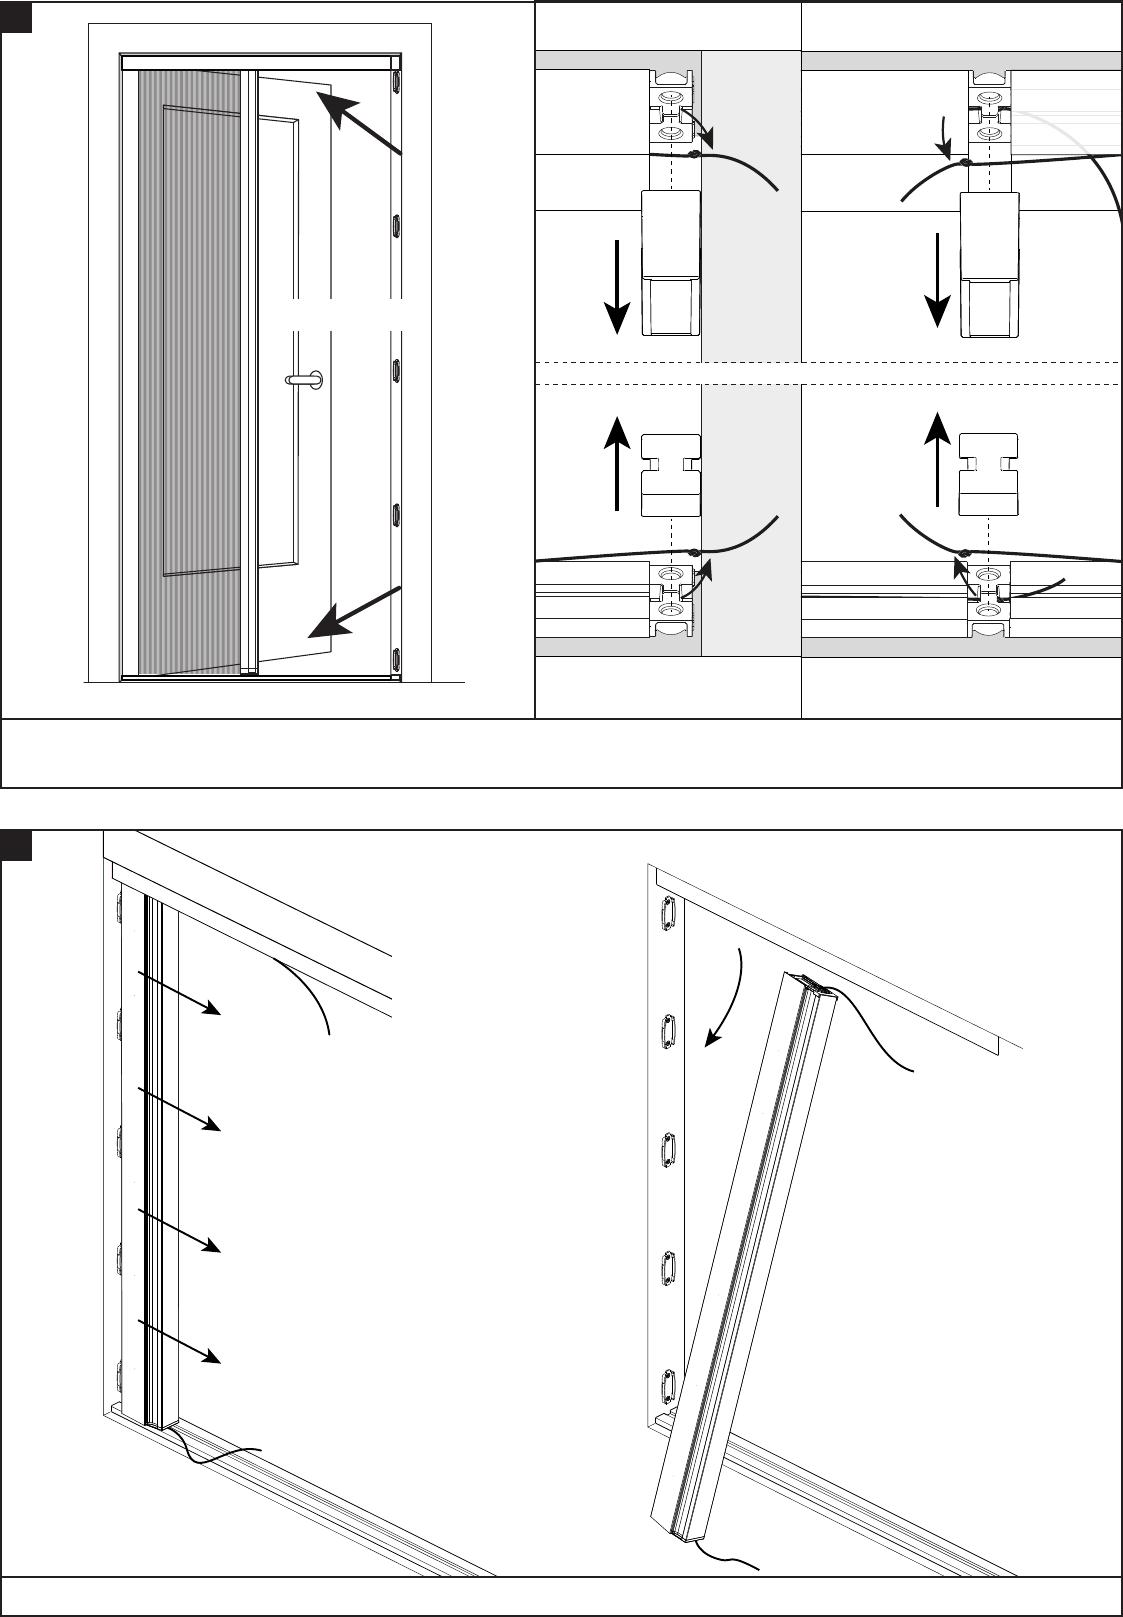 Fabulous Handleiding Bruynzeel 634587 S700 Plisse Hordeur (pagina 1 van 12 PU73